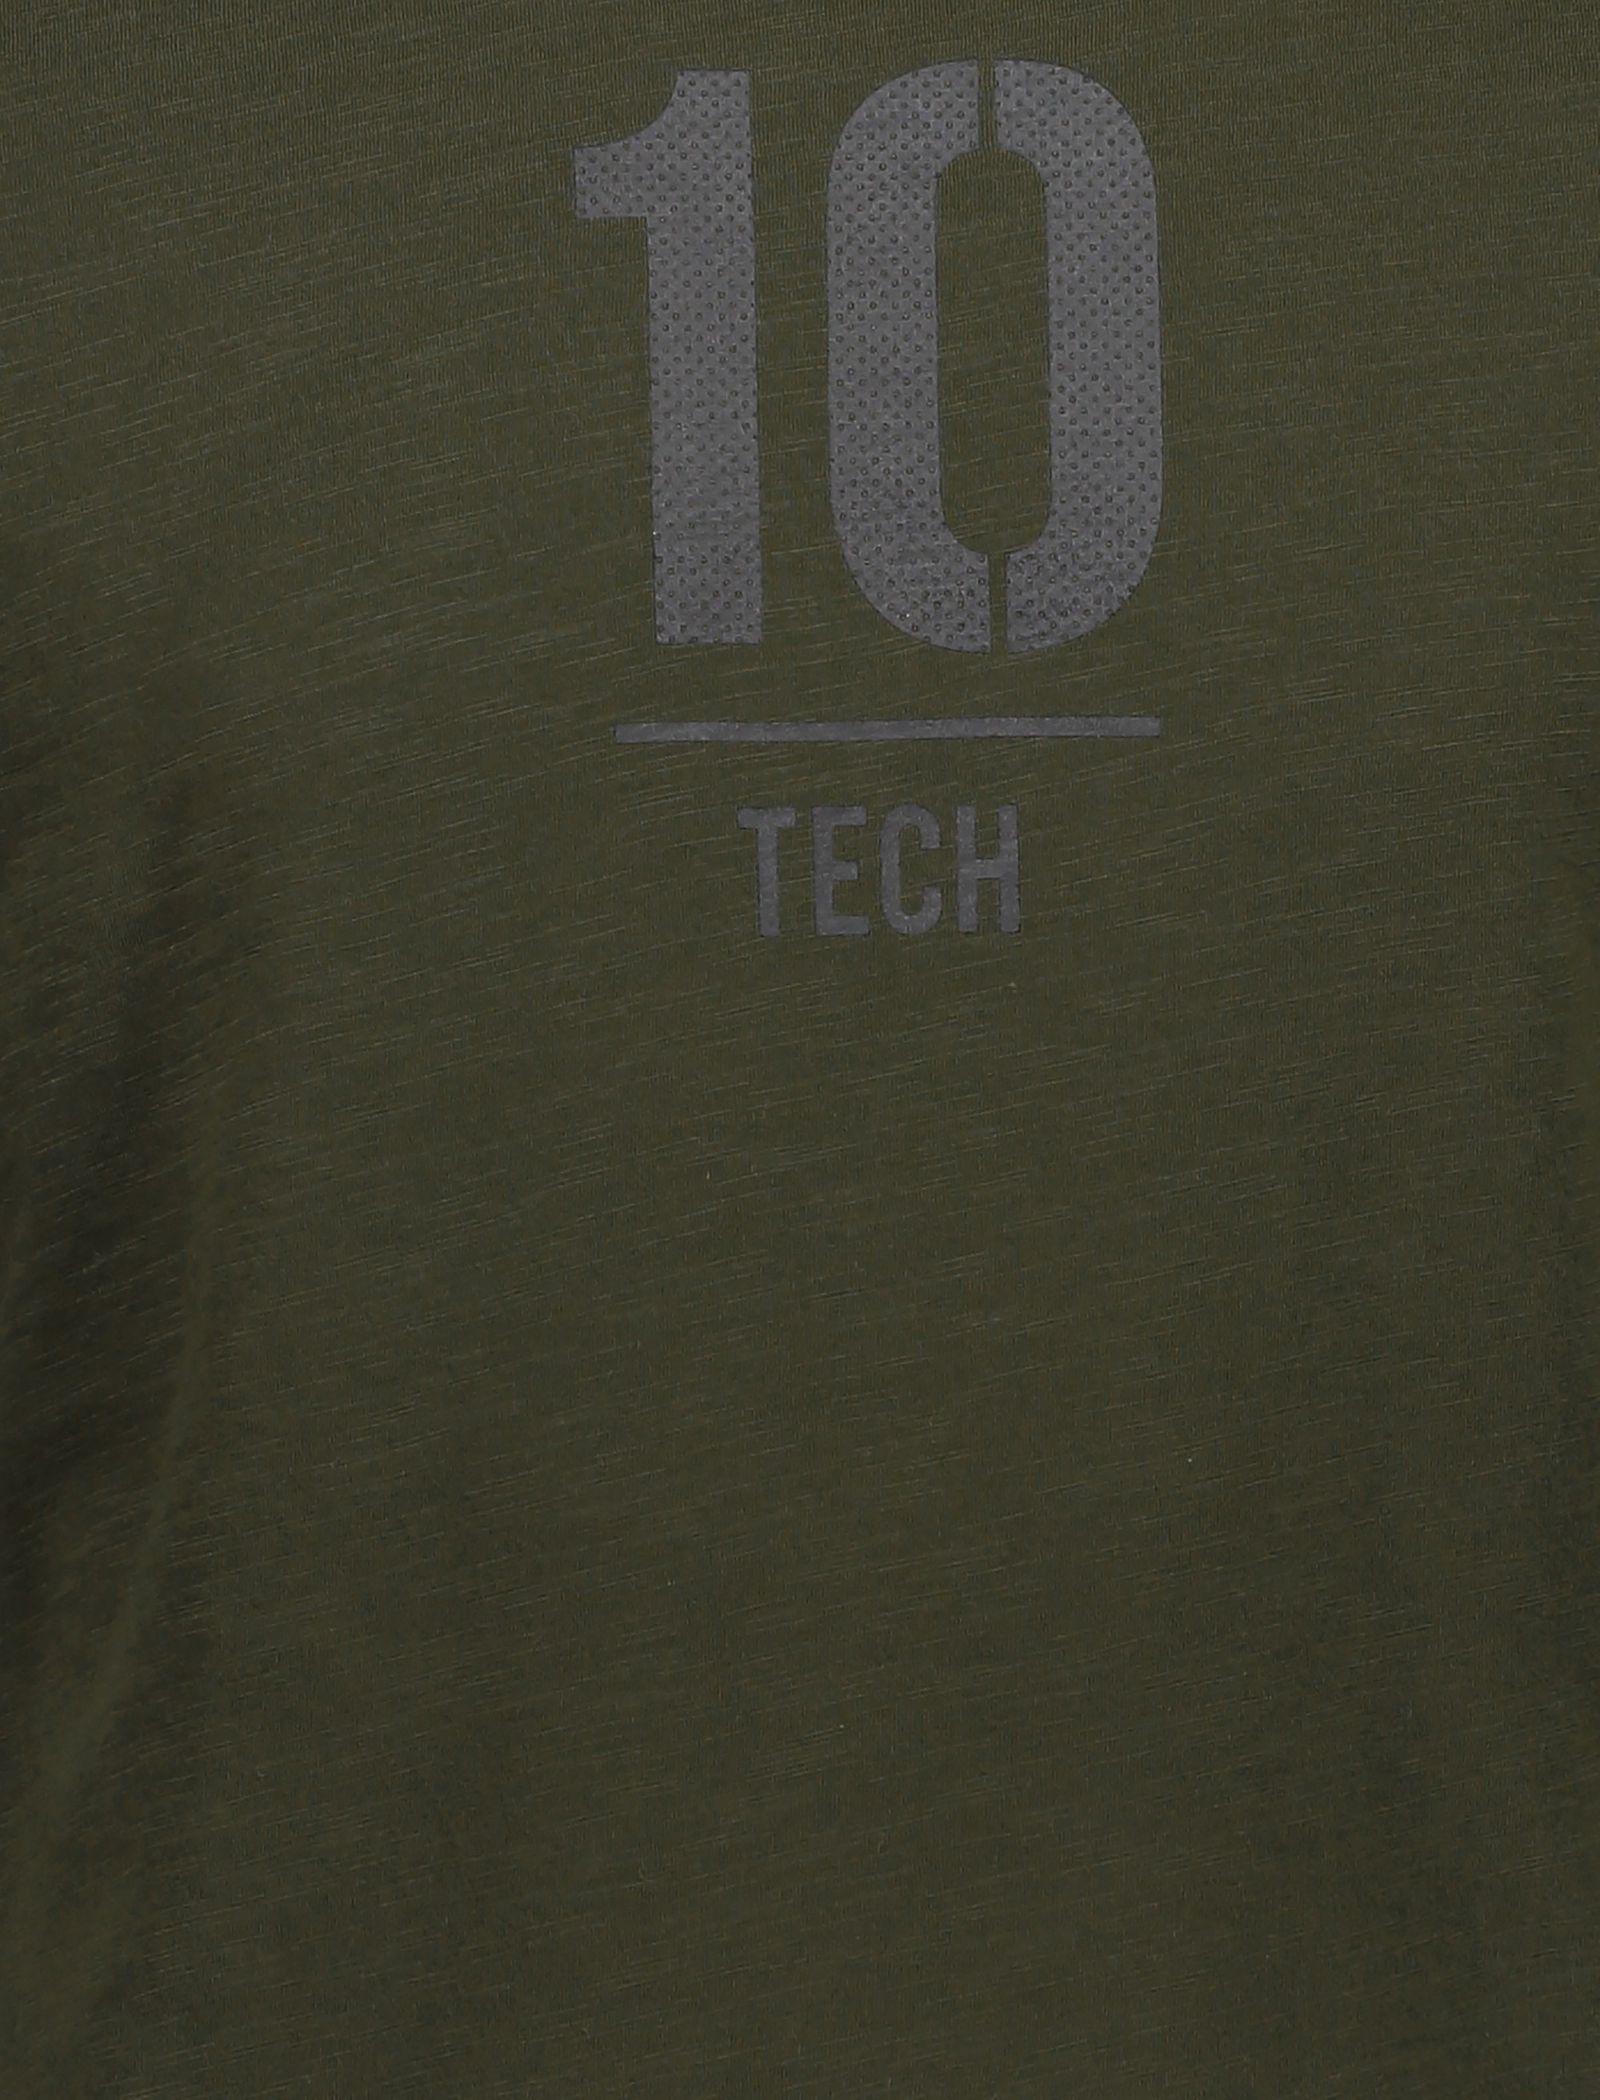 تی شرت ورزشی یقه گرد مردانه - جک اند جونز - زيتوني - 4